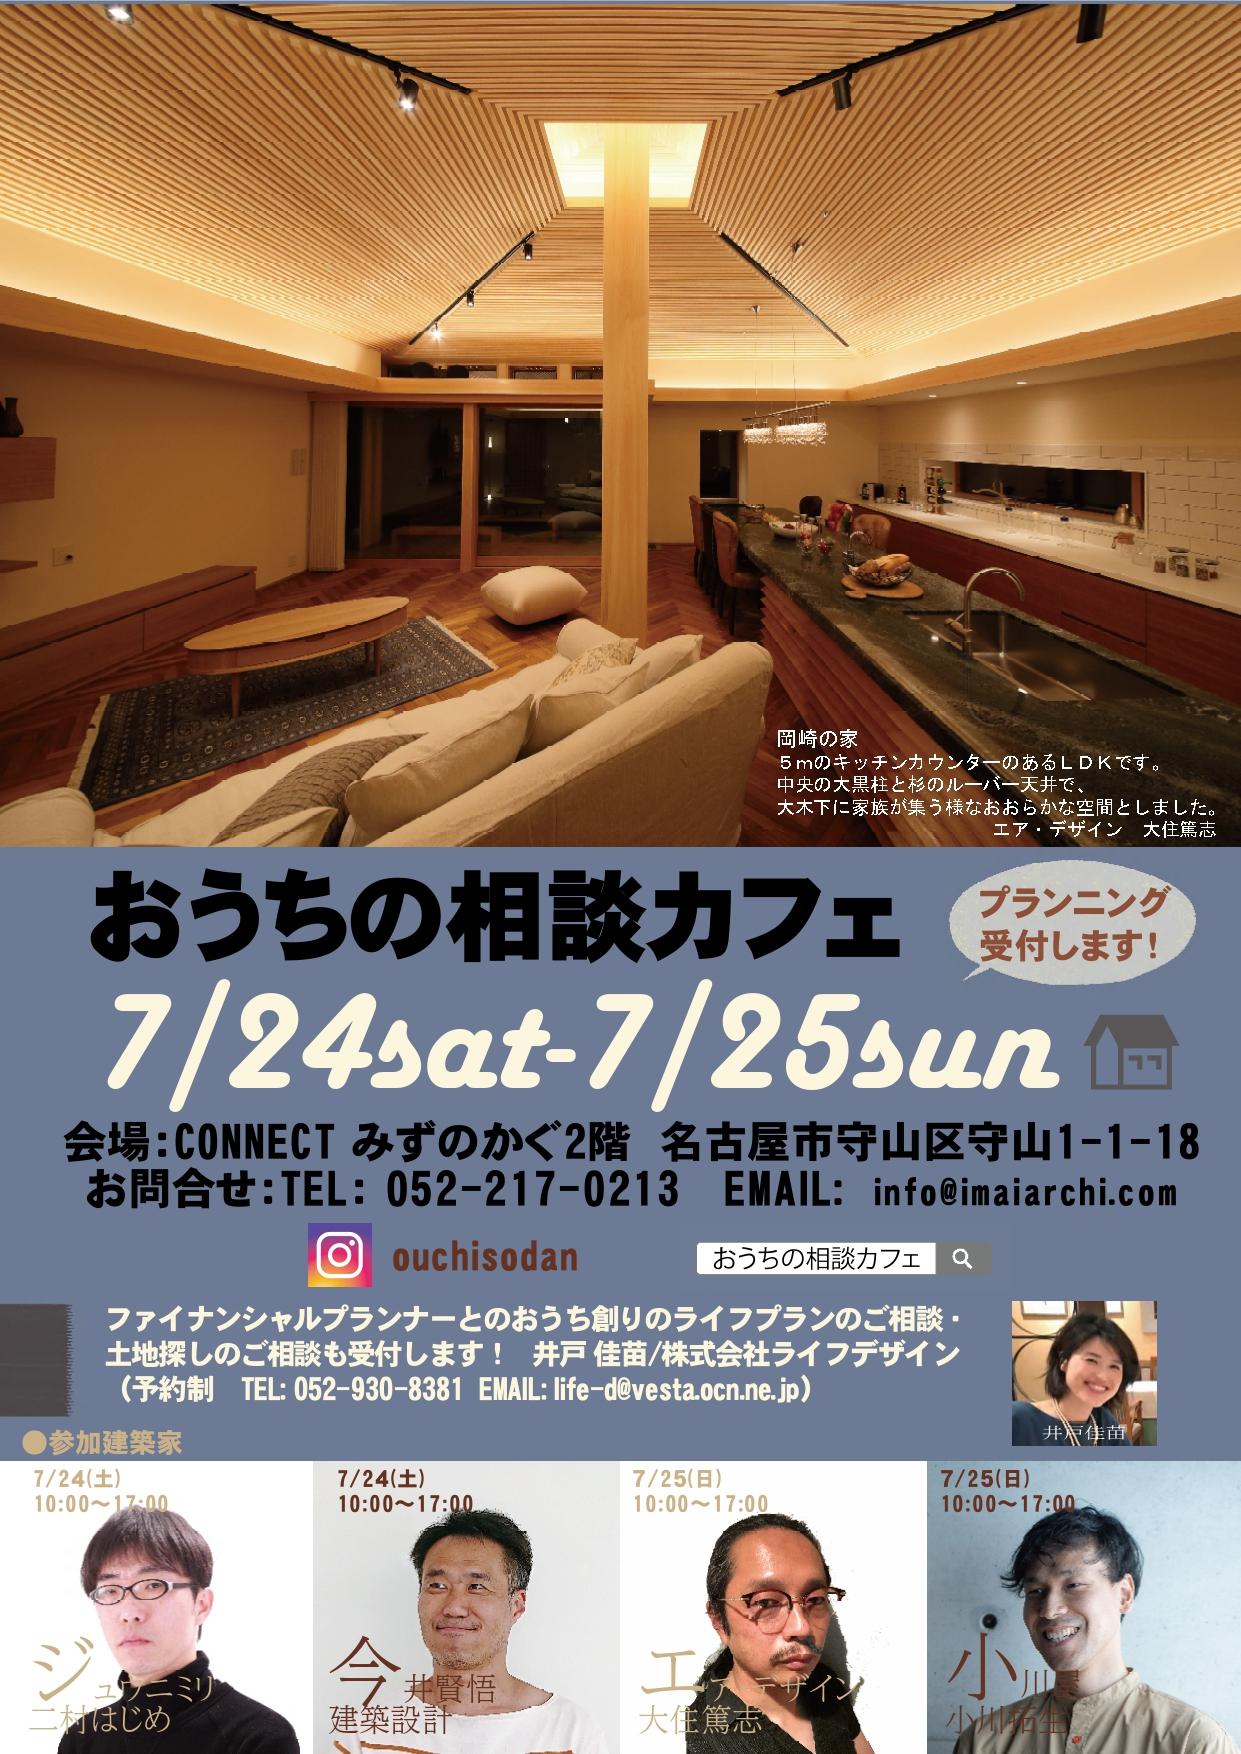 「おうちの相談カフェ」~7/24(Sat)・ 7/25(San)~